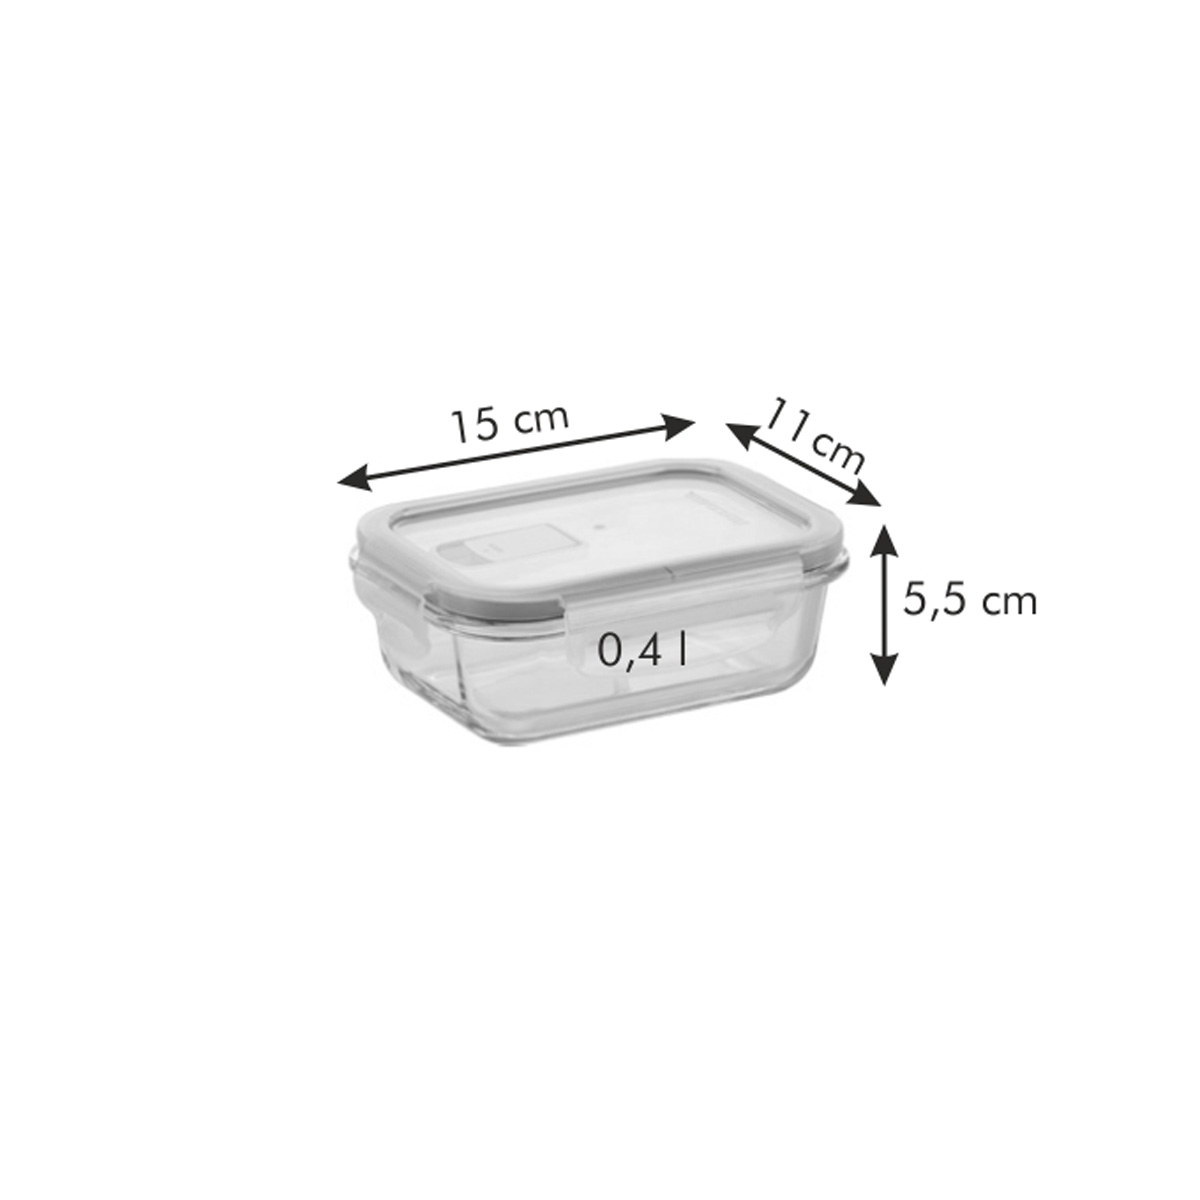 Dóza FRESHBOX GLASS 0.4 l, obdélníková